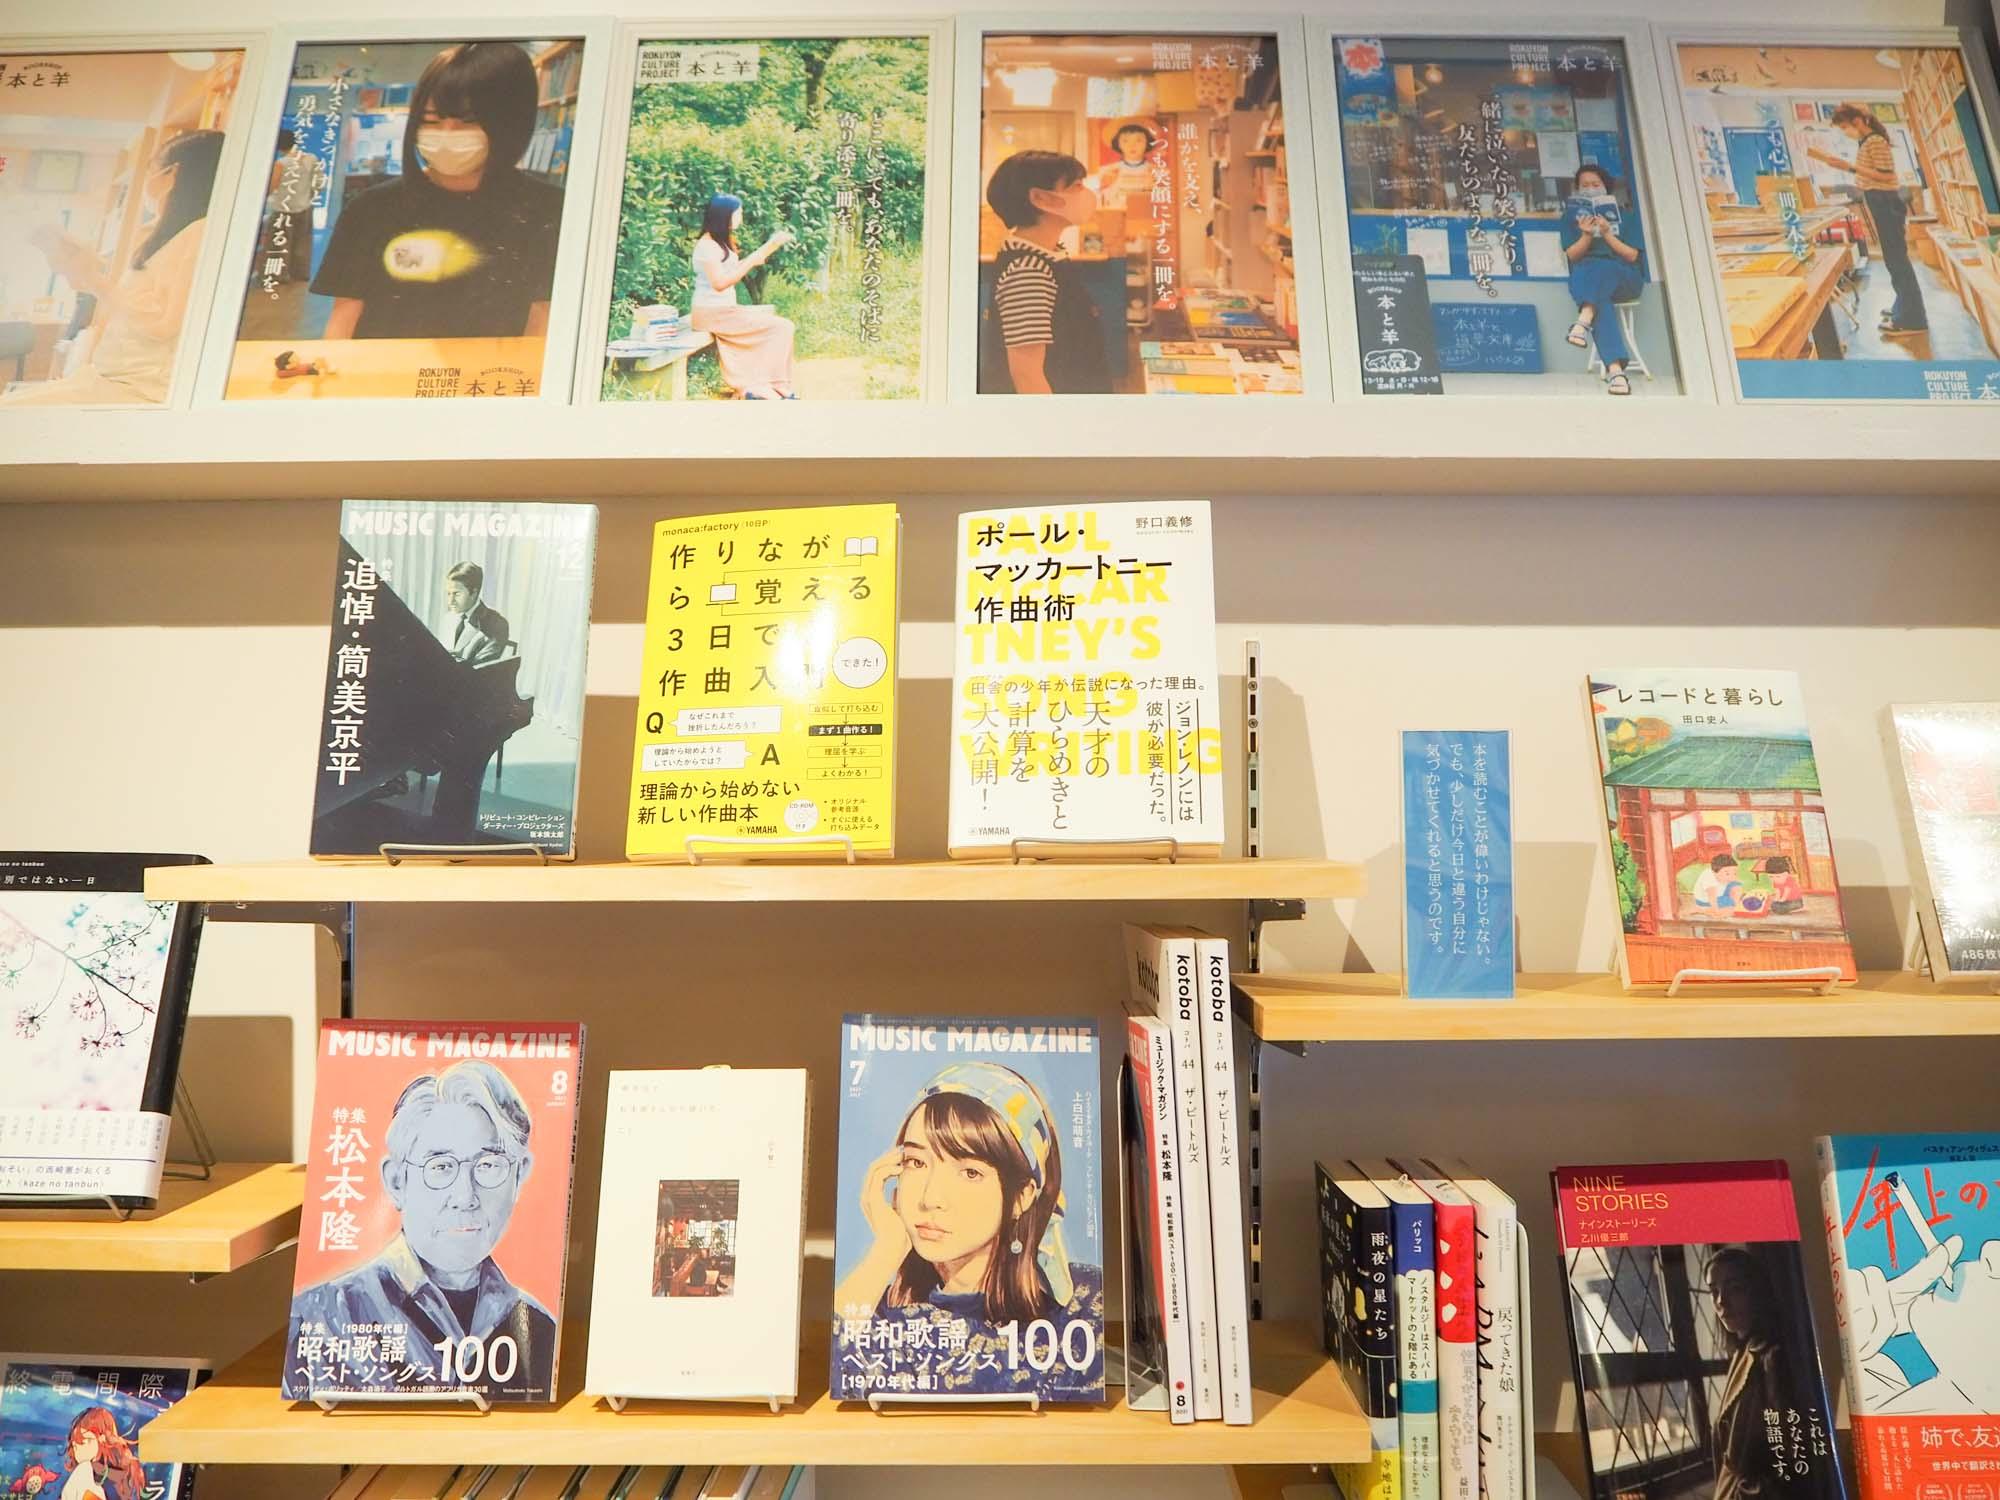 青い暖簾をくぐってみると、本がずらり。2020年にオープンした、新刊と古本の本屋さん「本と羊」です。